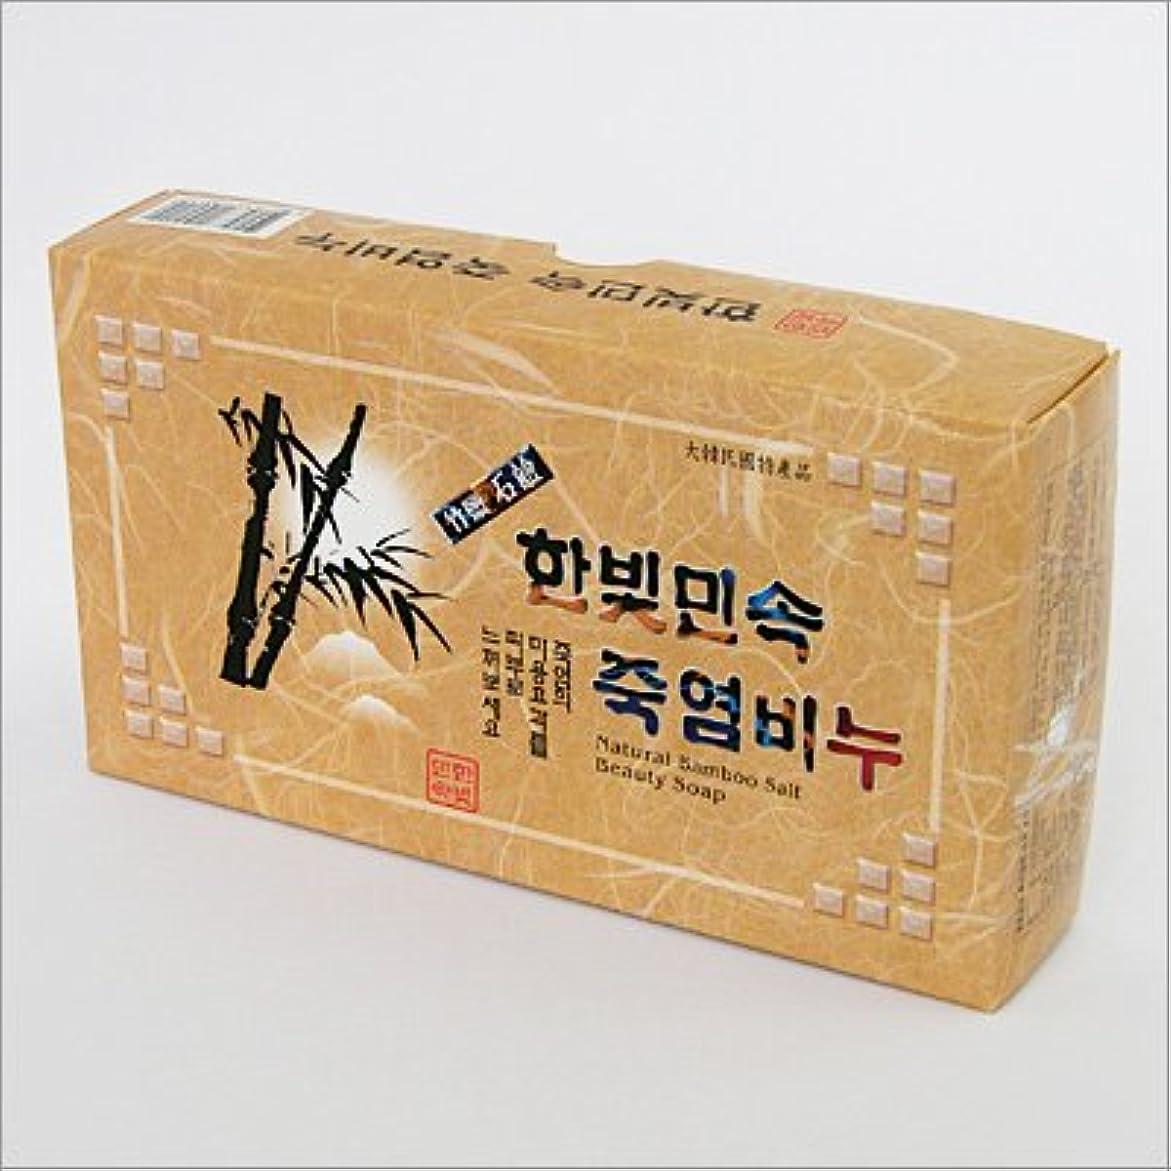 擬人同等の一致(韓国ブランド) 韓国 竹塩石鹸(3個セット)